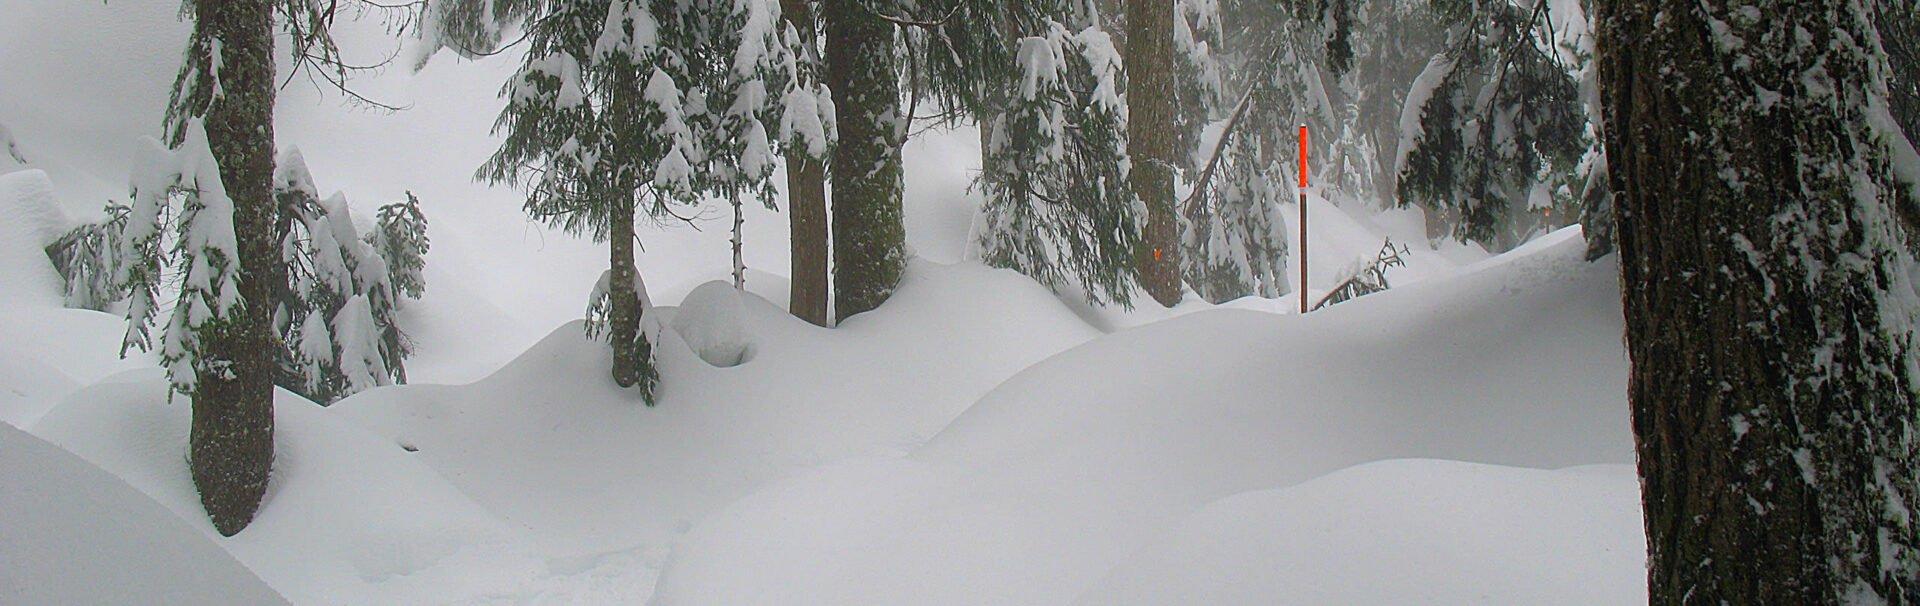 Vancouver Snowshoe Trails